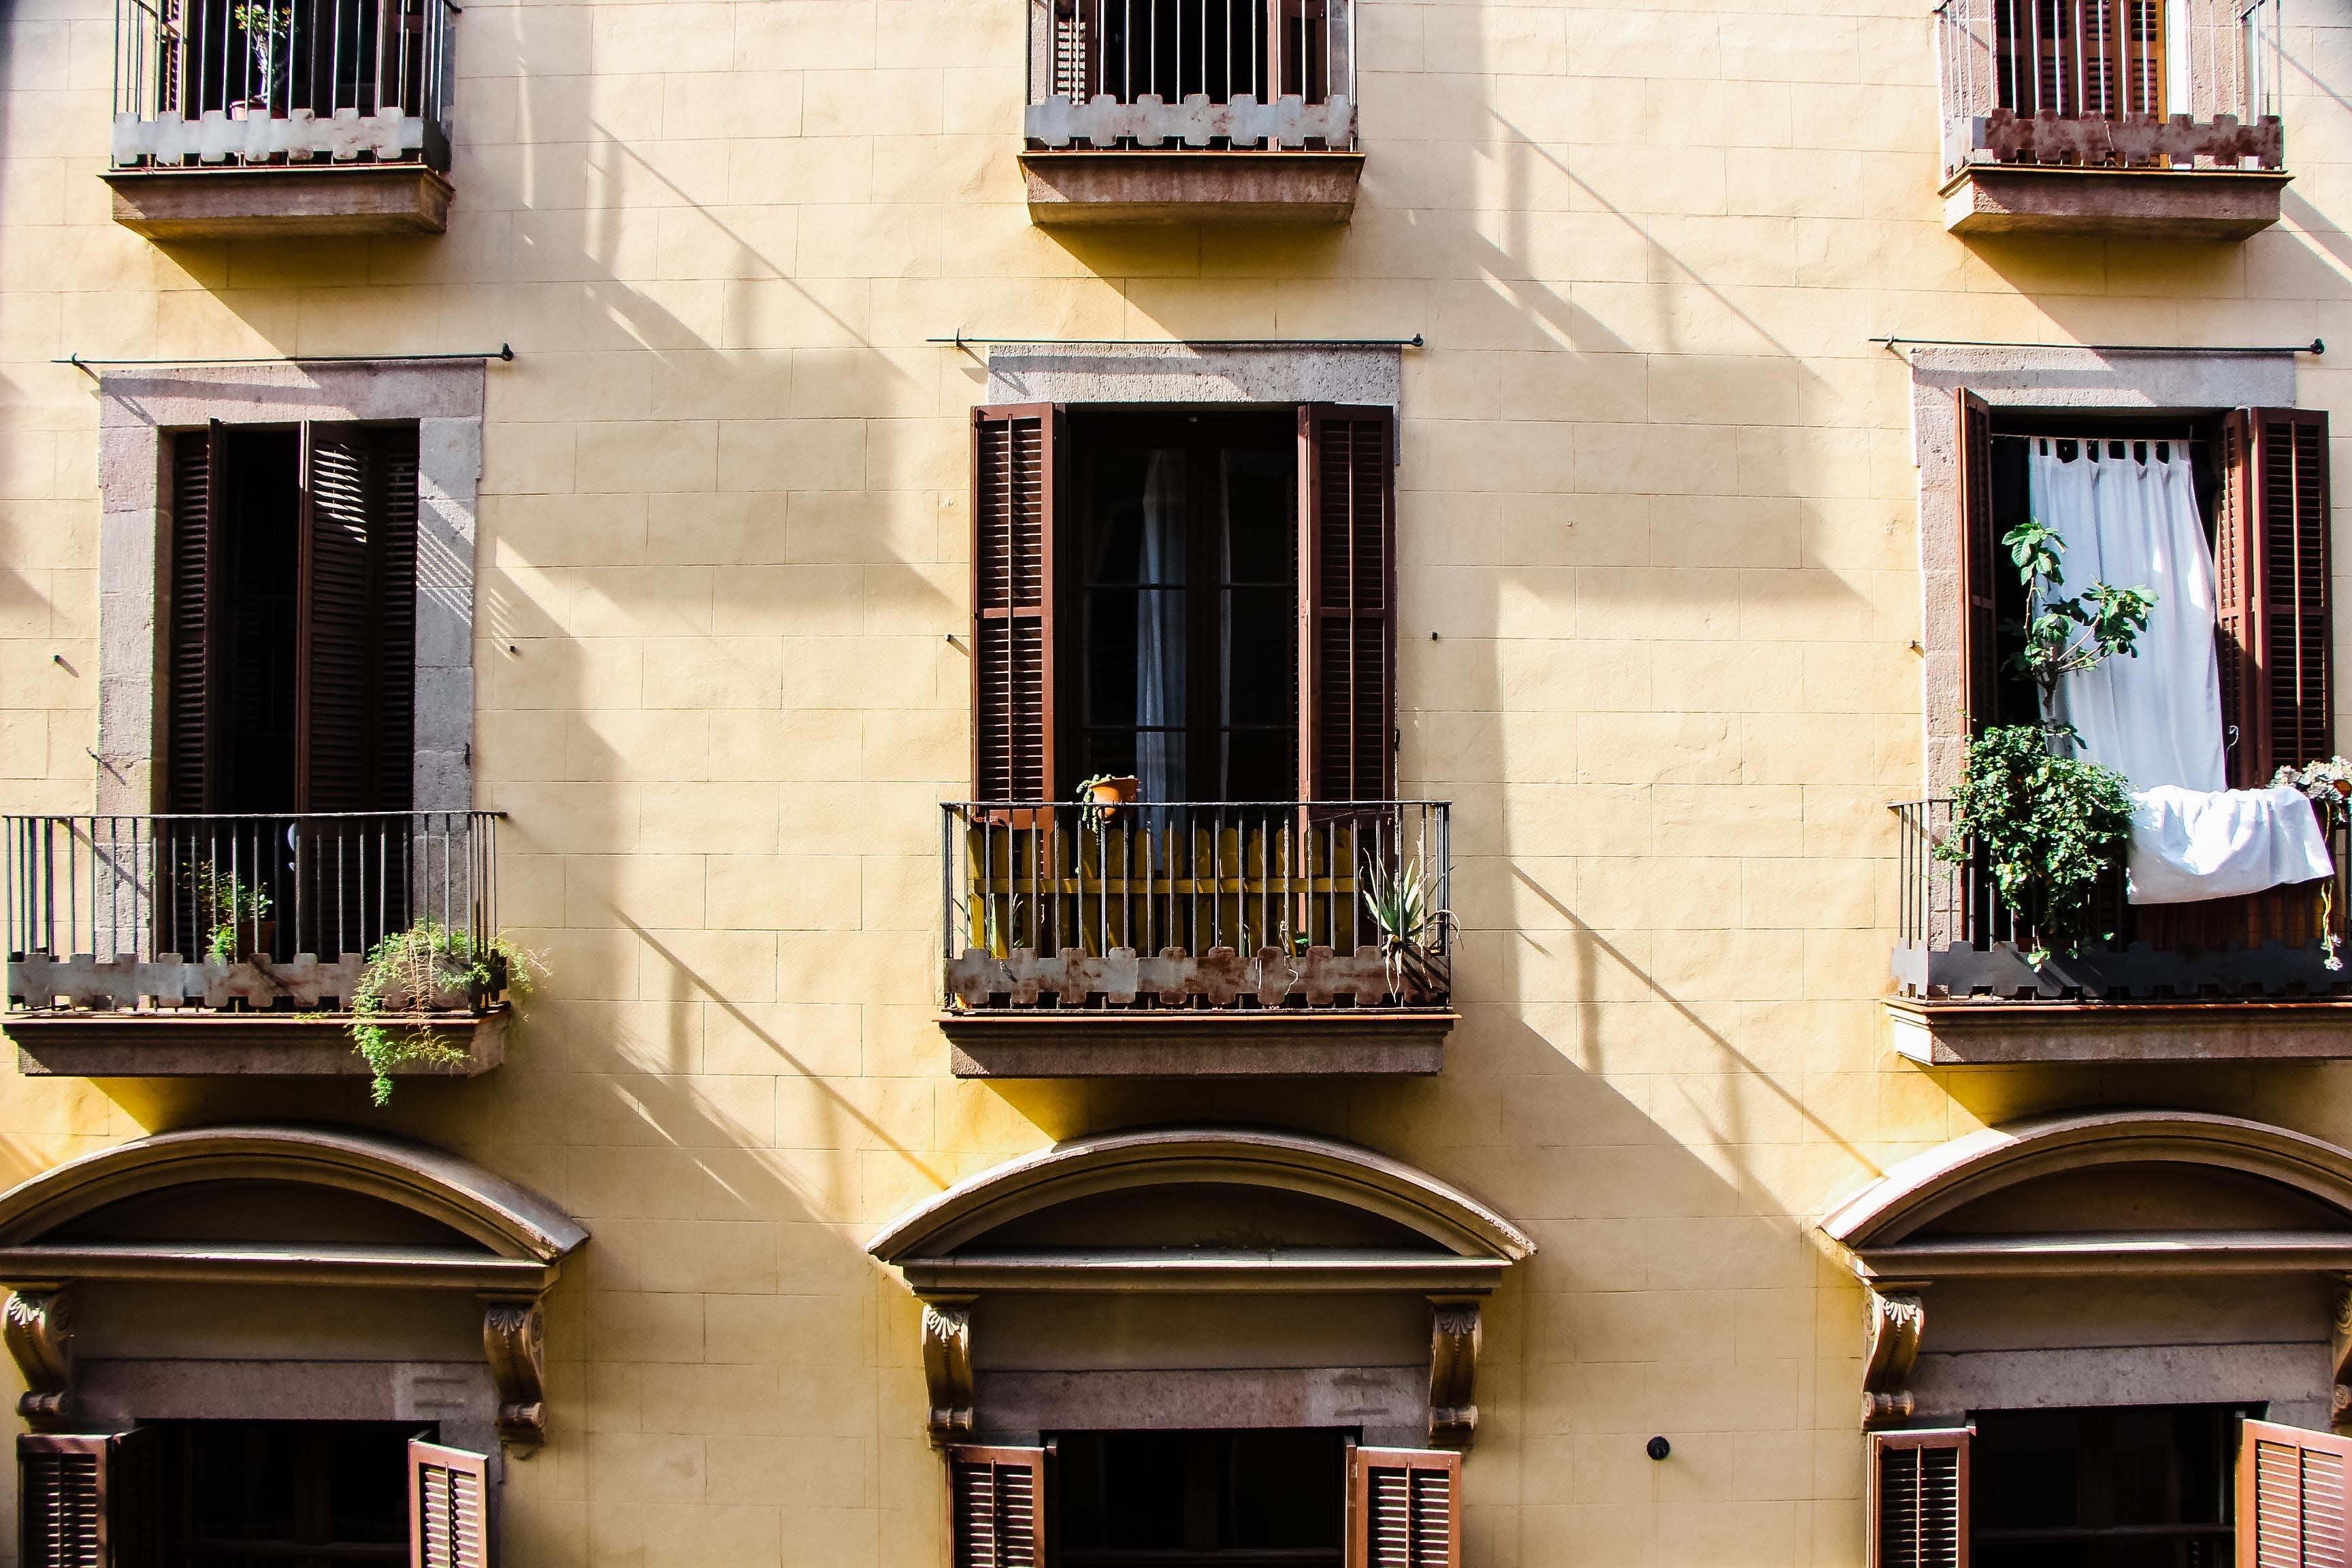 Kostenloses Stock Foto zu straße, gebäude, haus, architektur